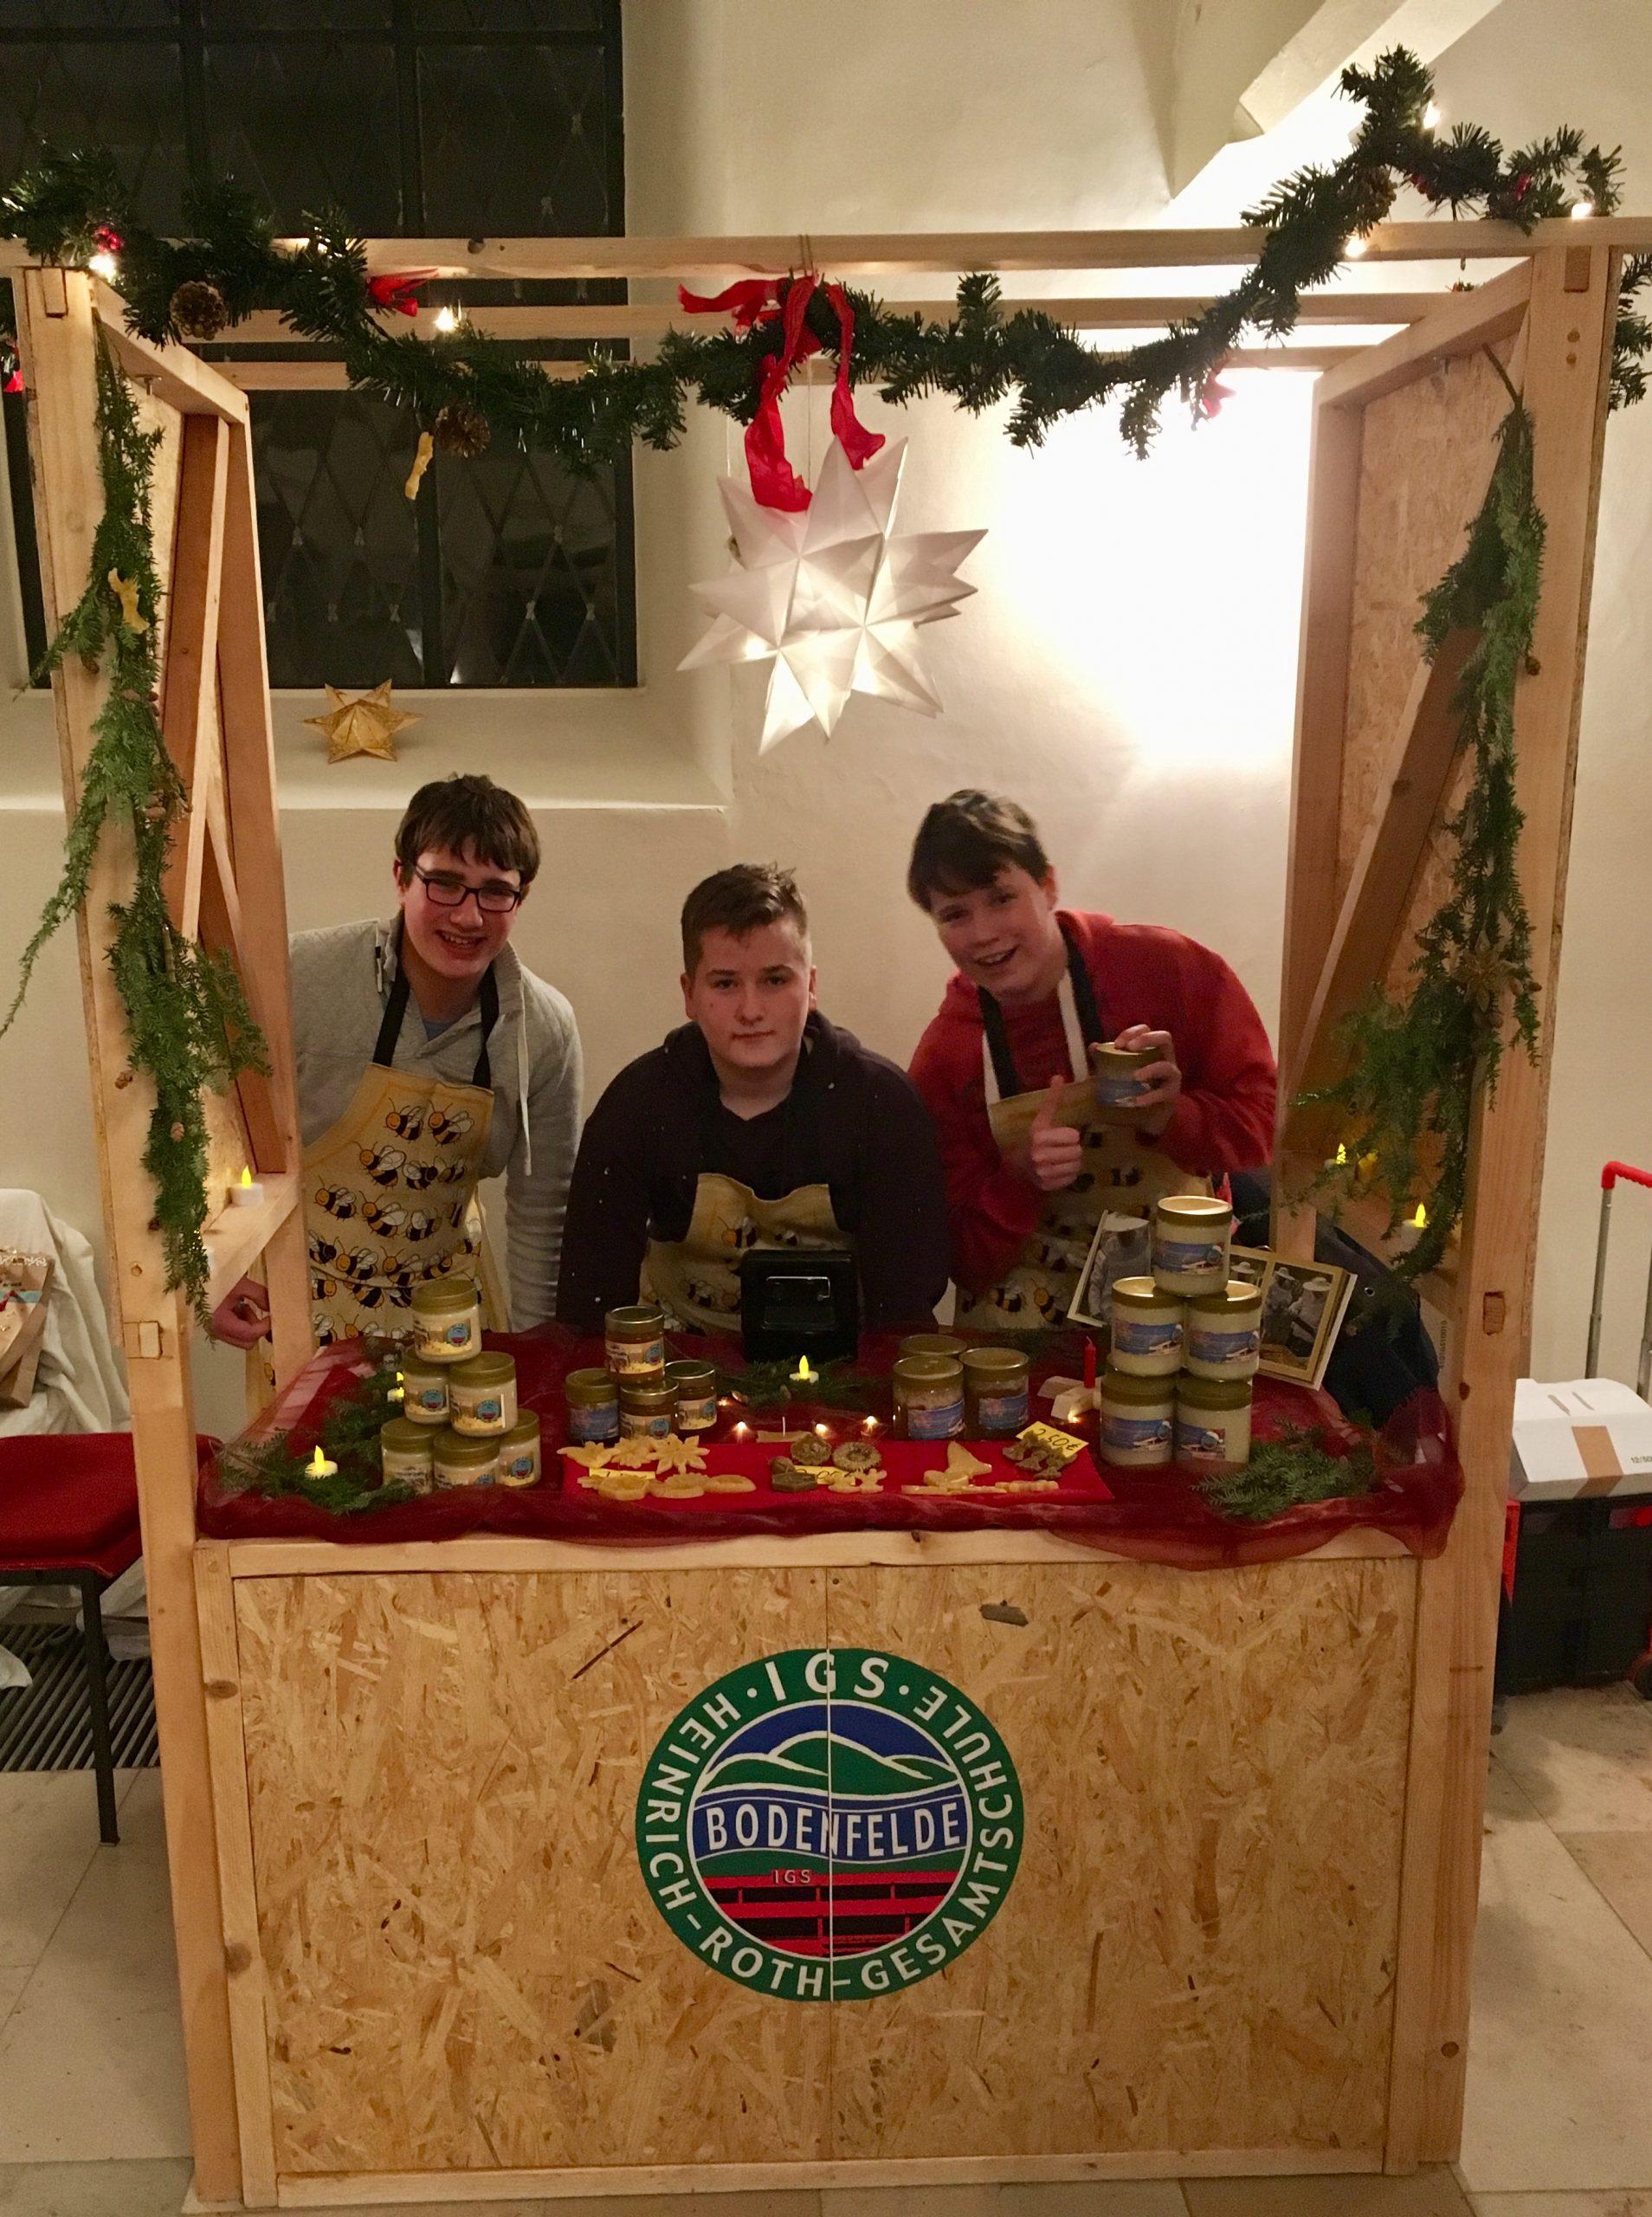 Honig-Verkauf auf dem Weihnachtsmarkt von Bodenfelde